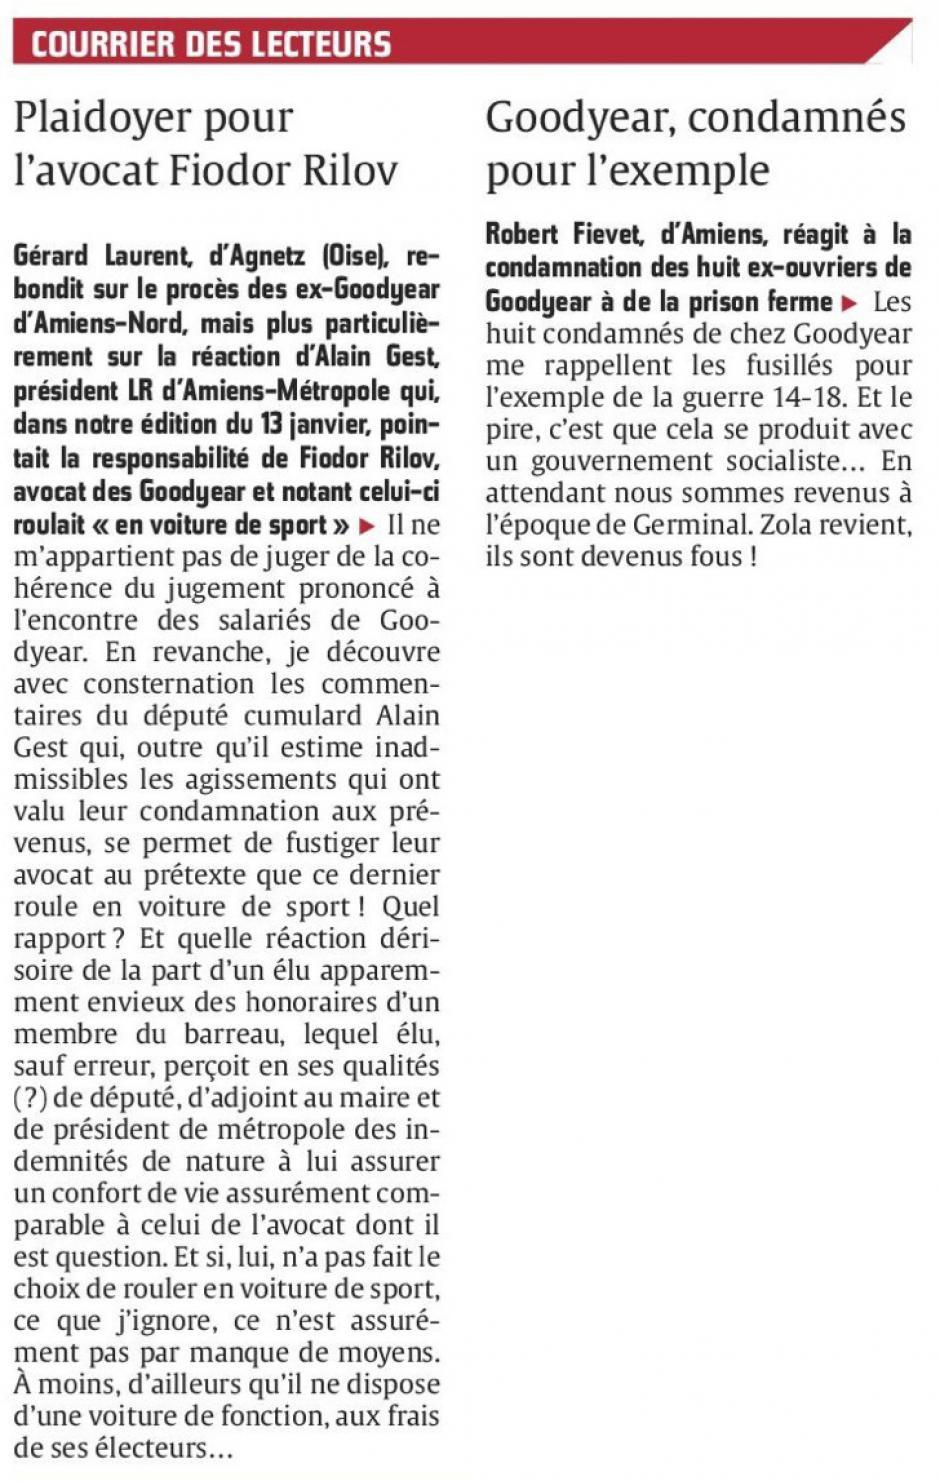 20160119-CP-Courrier des lecteurs-Goodyear-Amiens